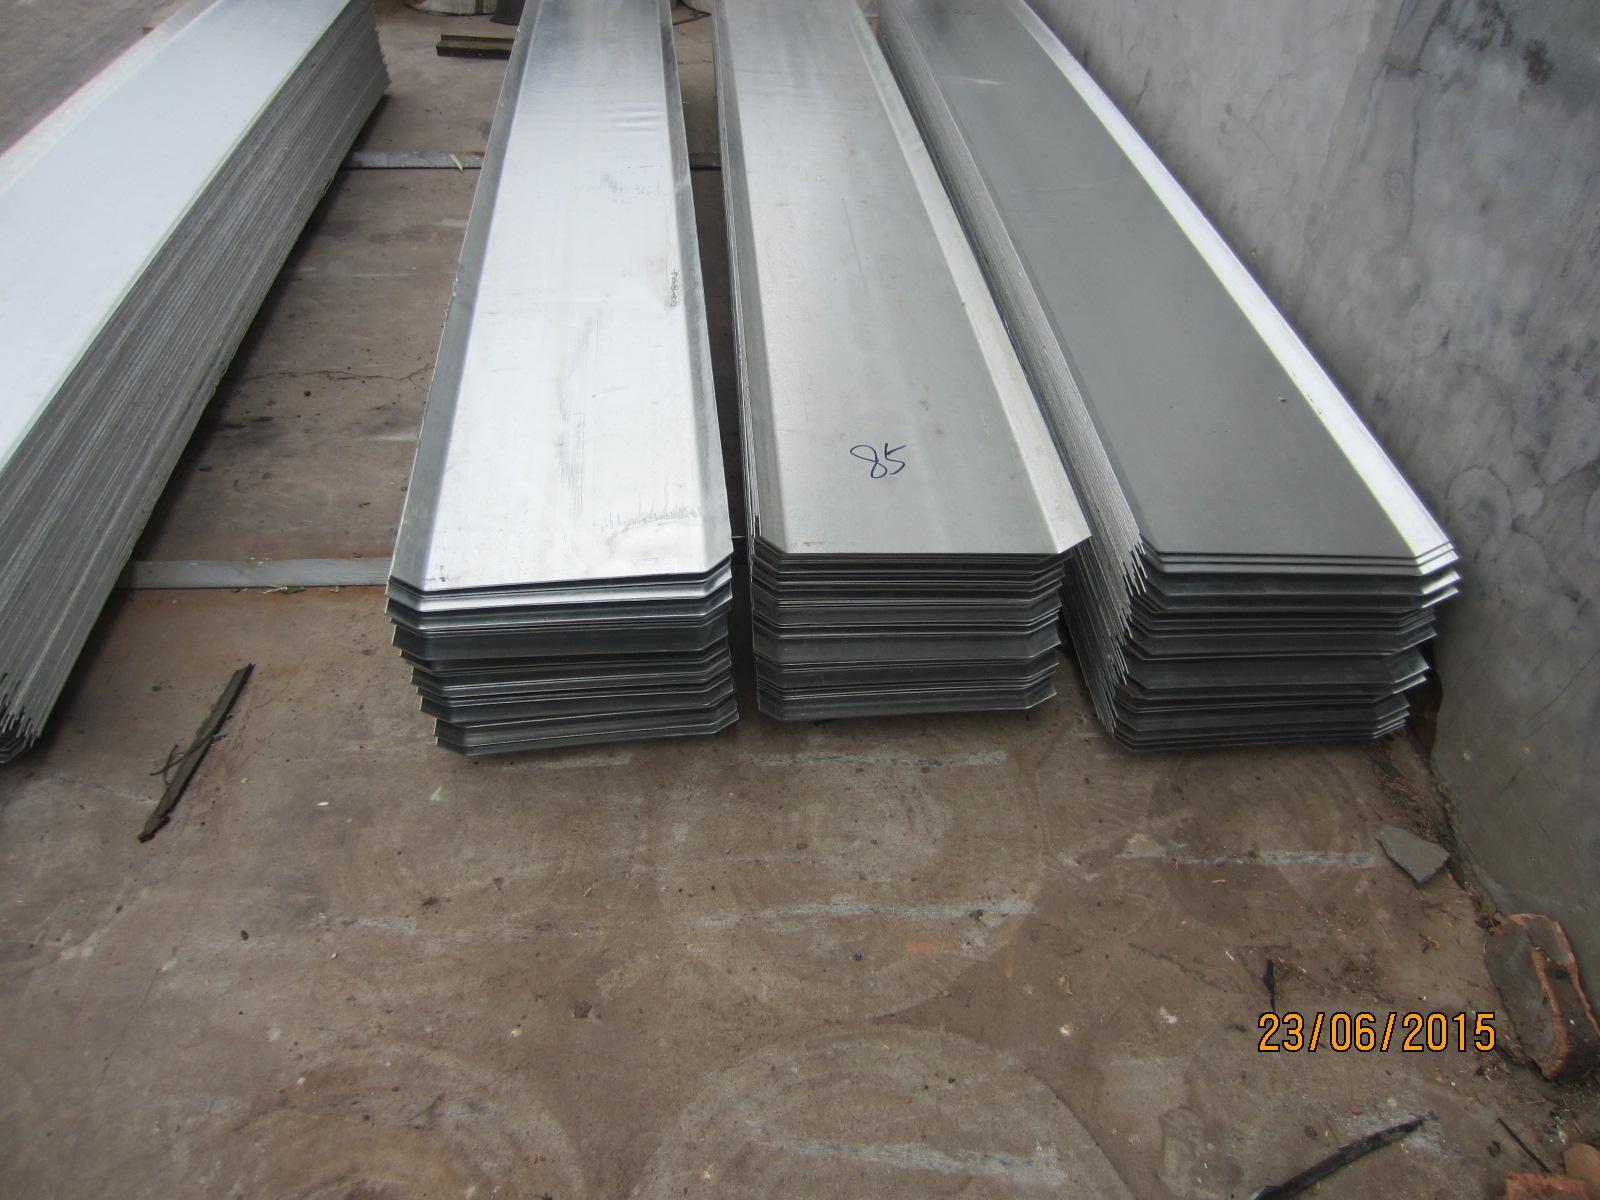 钢板止水带施工步骤: 1、应尽力保证止水钢板在墙体中线上;2、两块钢板之间的焊接要饱满且为双面焊 ,钢板搭接不小于20mm;3、墙体转角处的处理,一、整块钢板弯折;二、丁字型焊接;三、7字型焊接。4、止水钢板的支撑焊接,可以用小钢筋电焊在主筋上;5、止水钢板穿过柱箍筋时,可以将所穿过的箍筋断开,制作成开口箍,电焊在钢板上。6、止水钢板的开口朝迎水面。